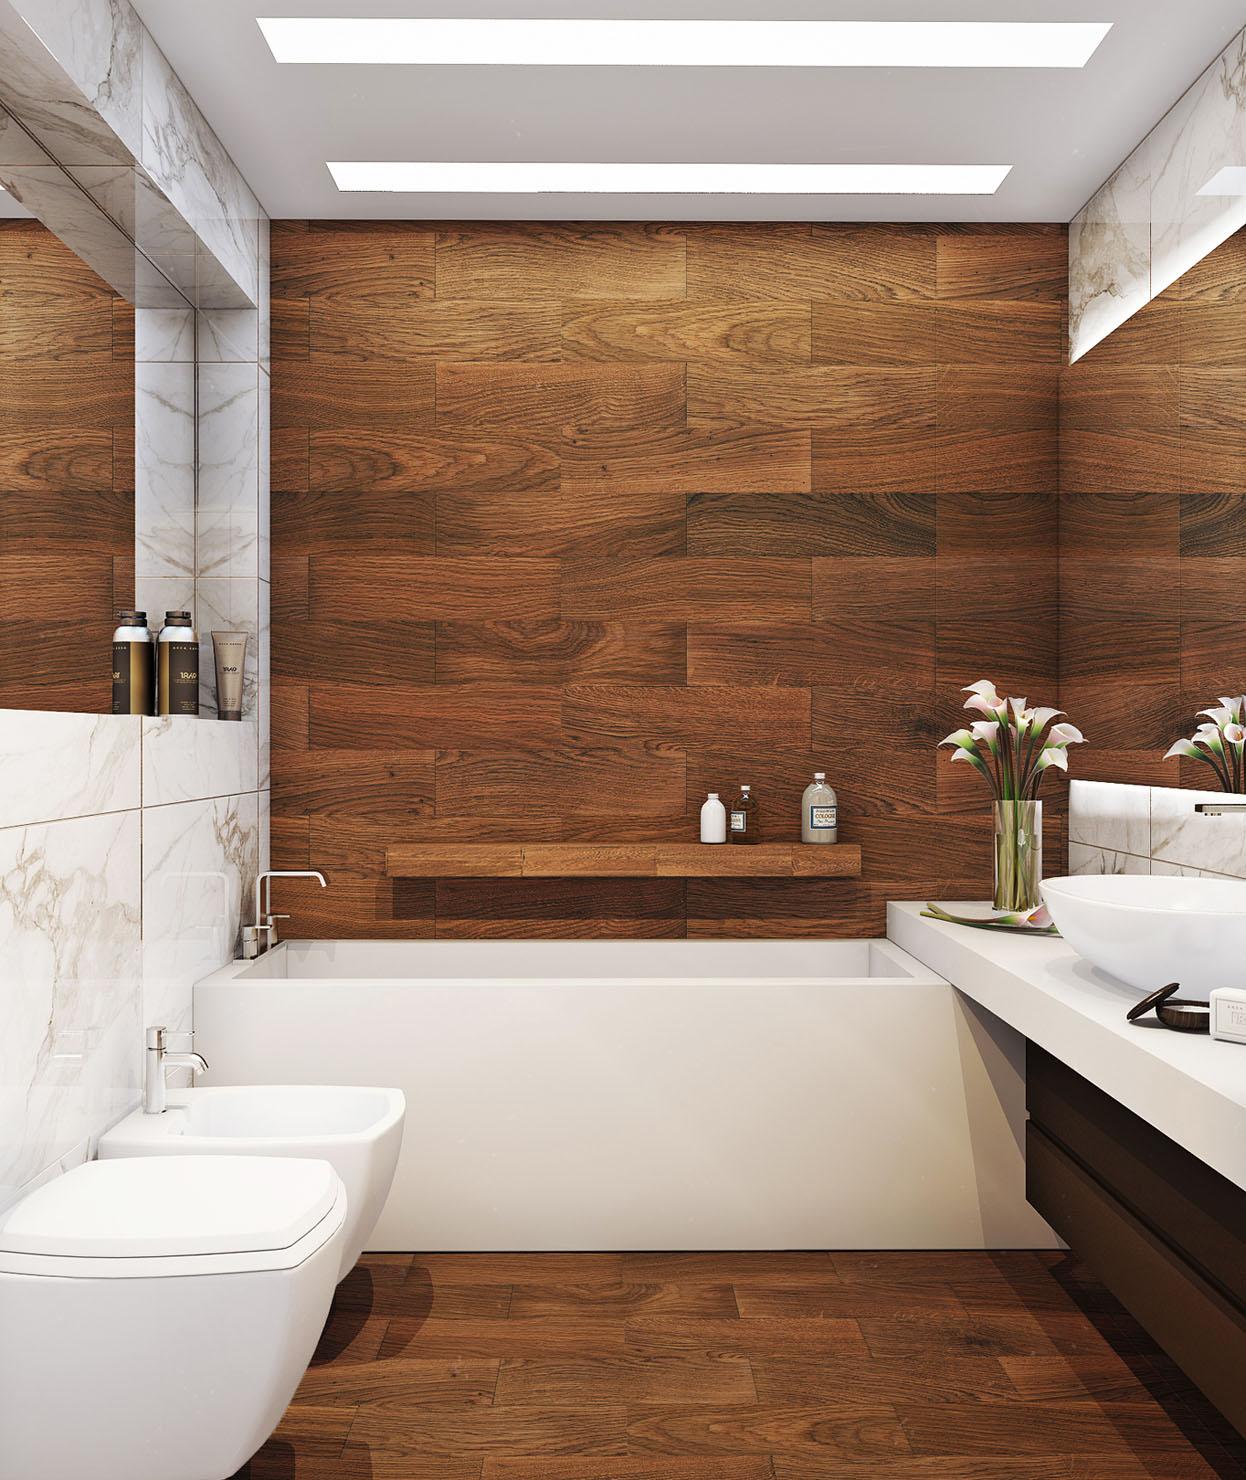 Керамическая плитка под дерево в интерьере ванной